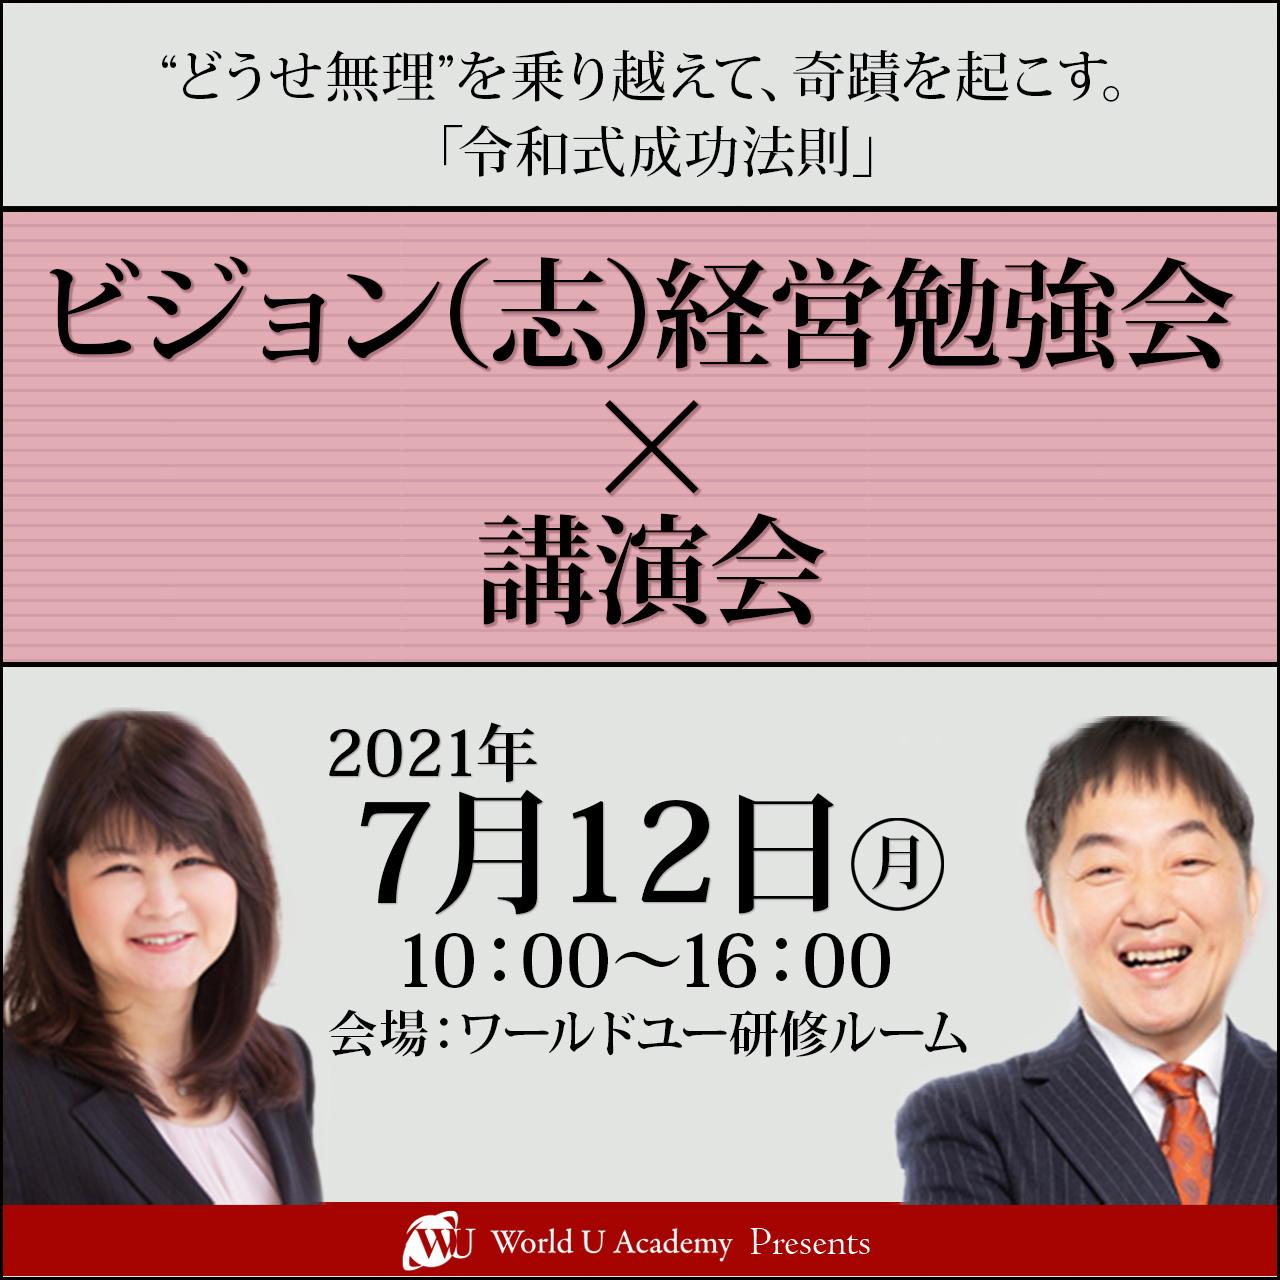 2021年7月12日 ビジョン(志)経営勉強会×講演会